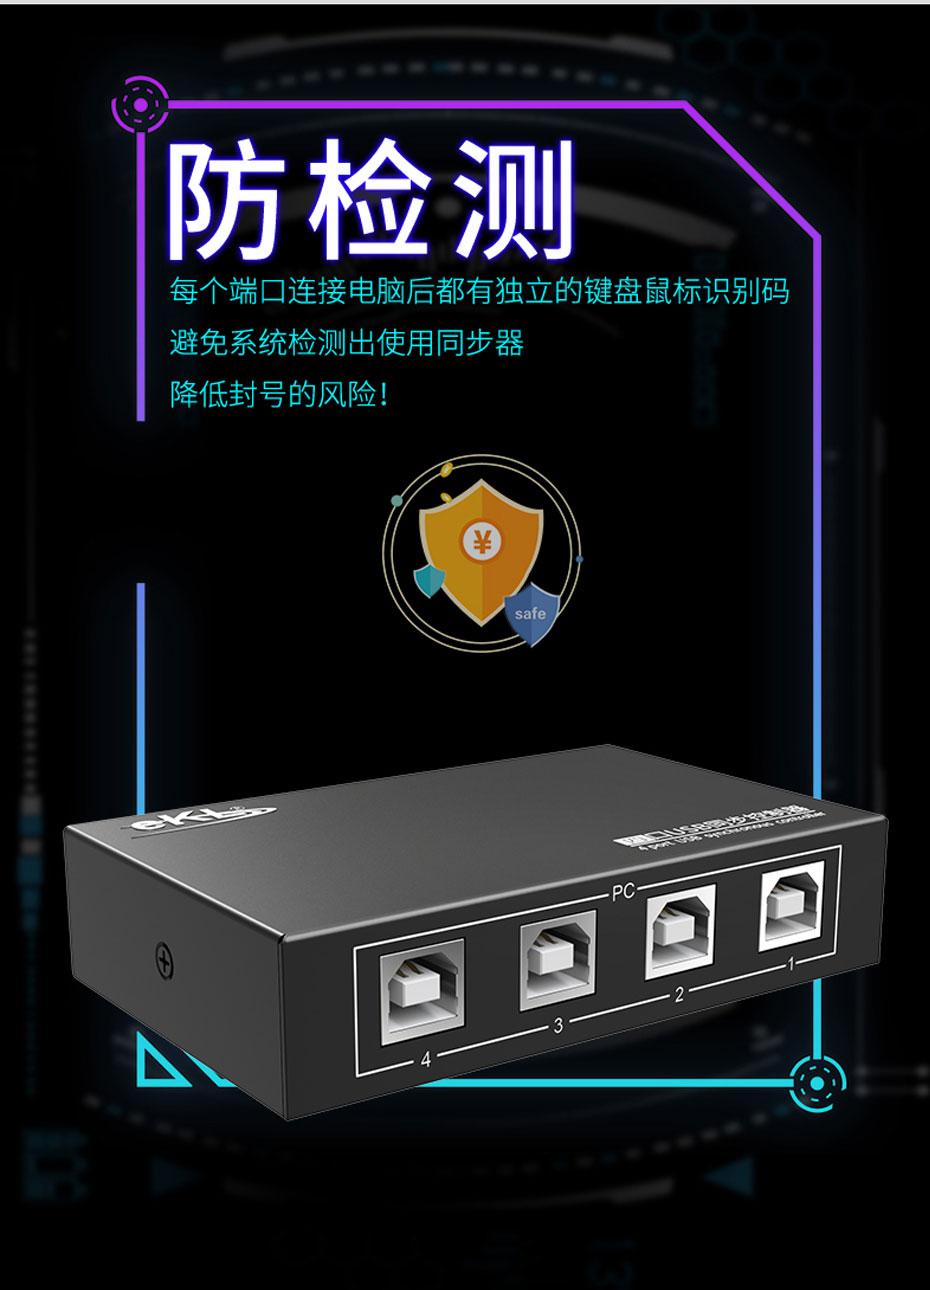 USB键盘鼠标同步控制器U304每个端口都有自己的鼠标键盘标识码,防检测